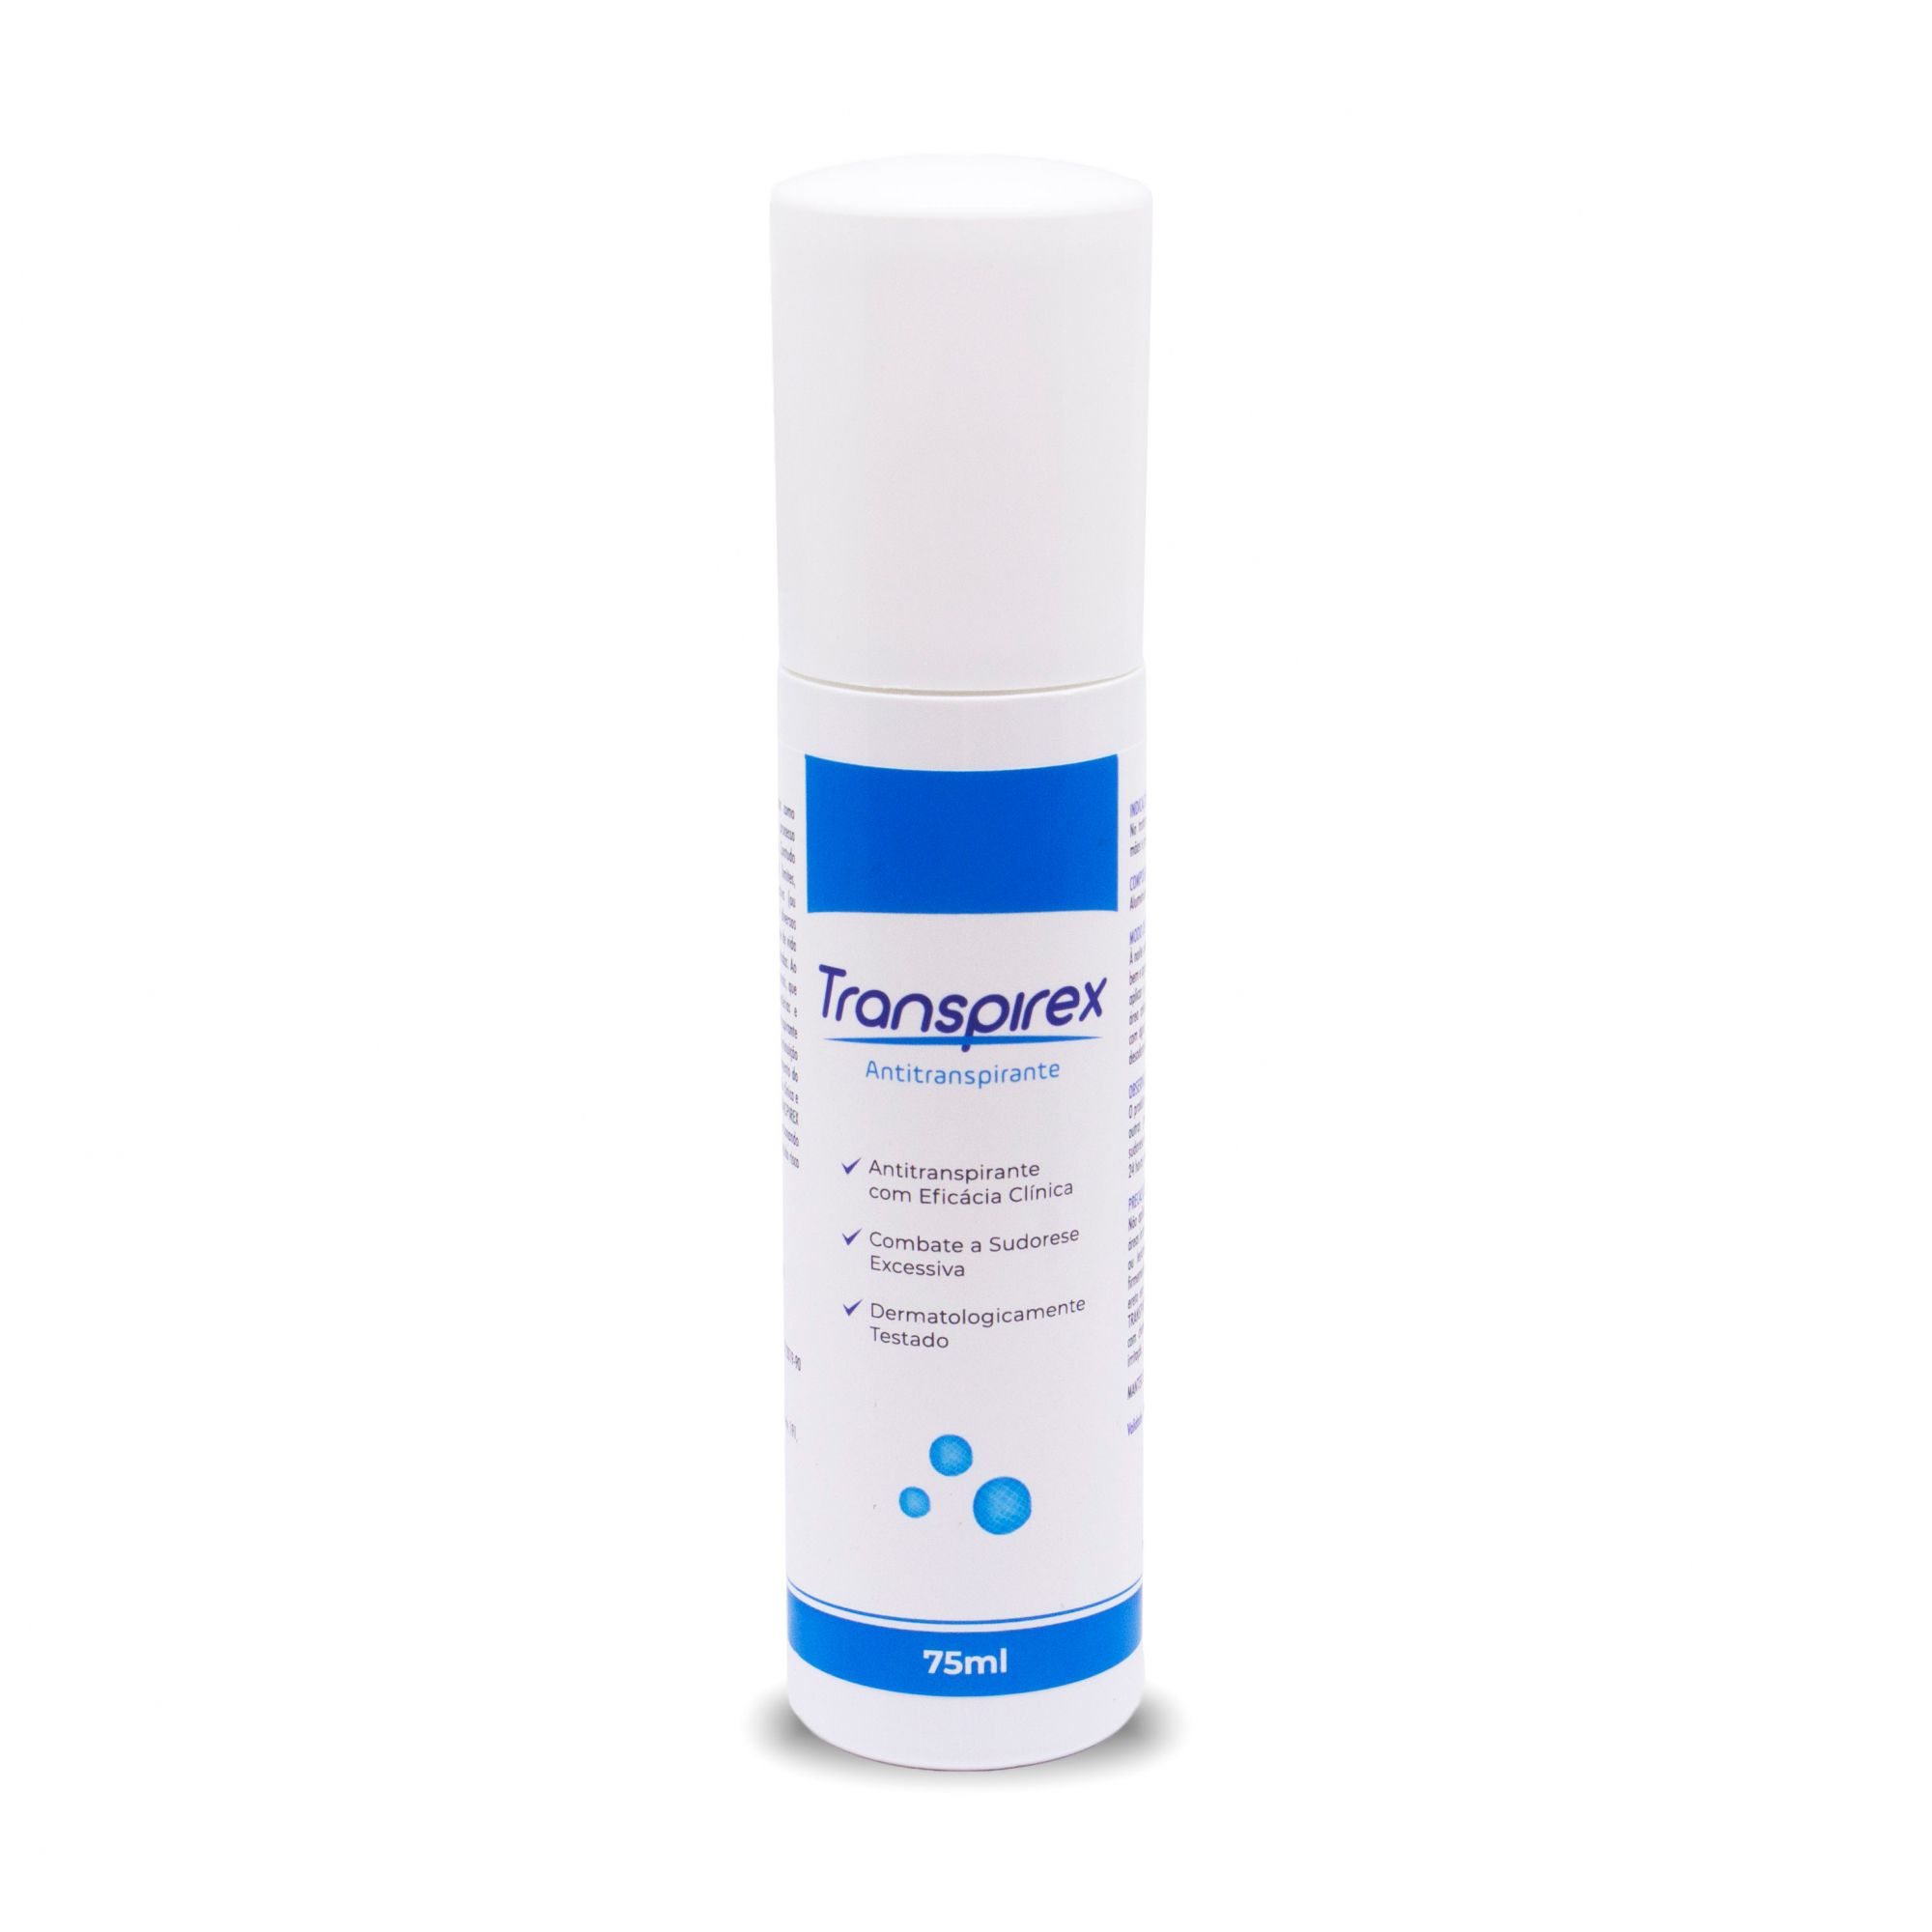 Transpirex - Resolva A Sudorese Excessiva